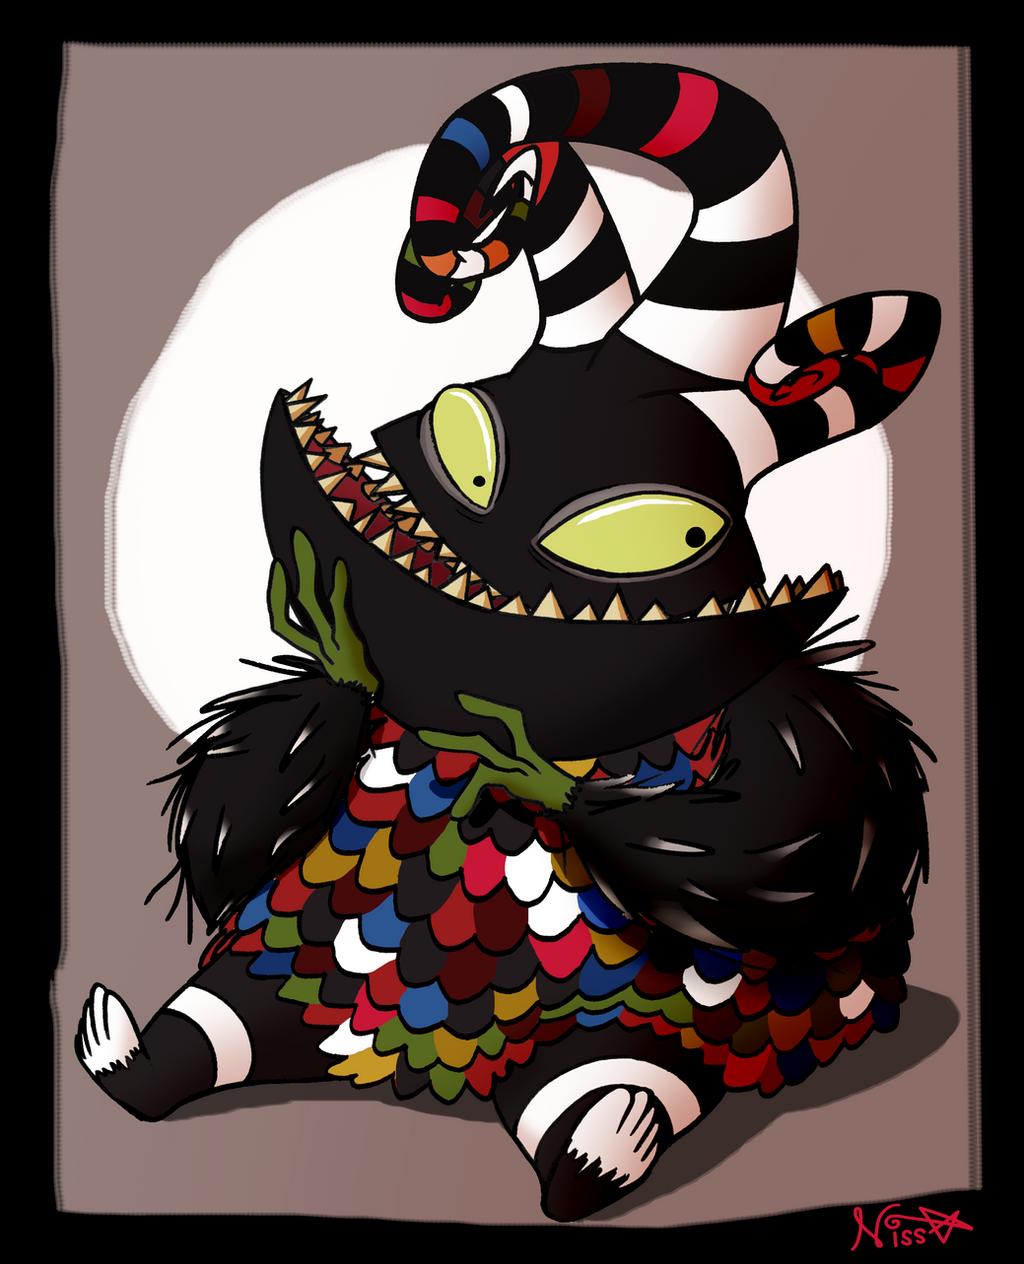 Harlequin Demon by SnazzyDoodle on DeviantArt